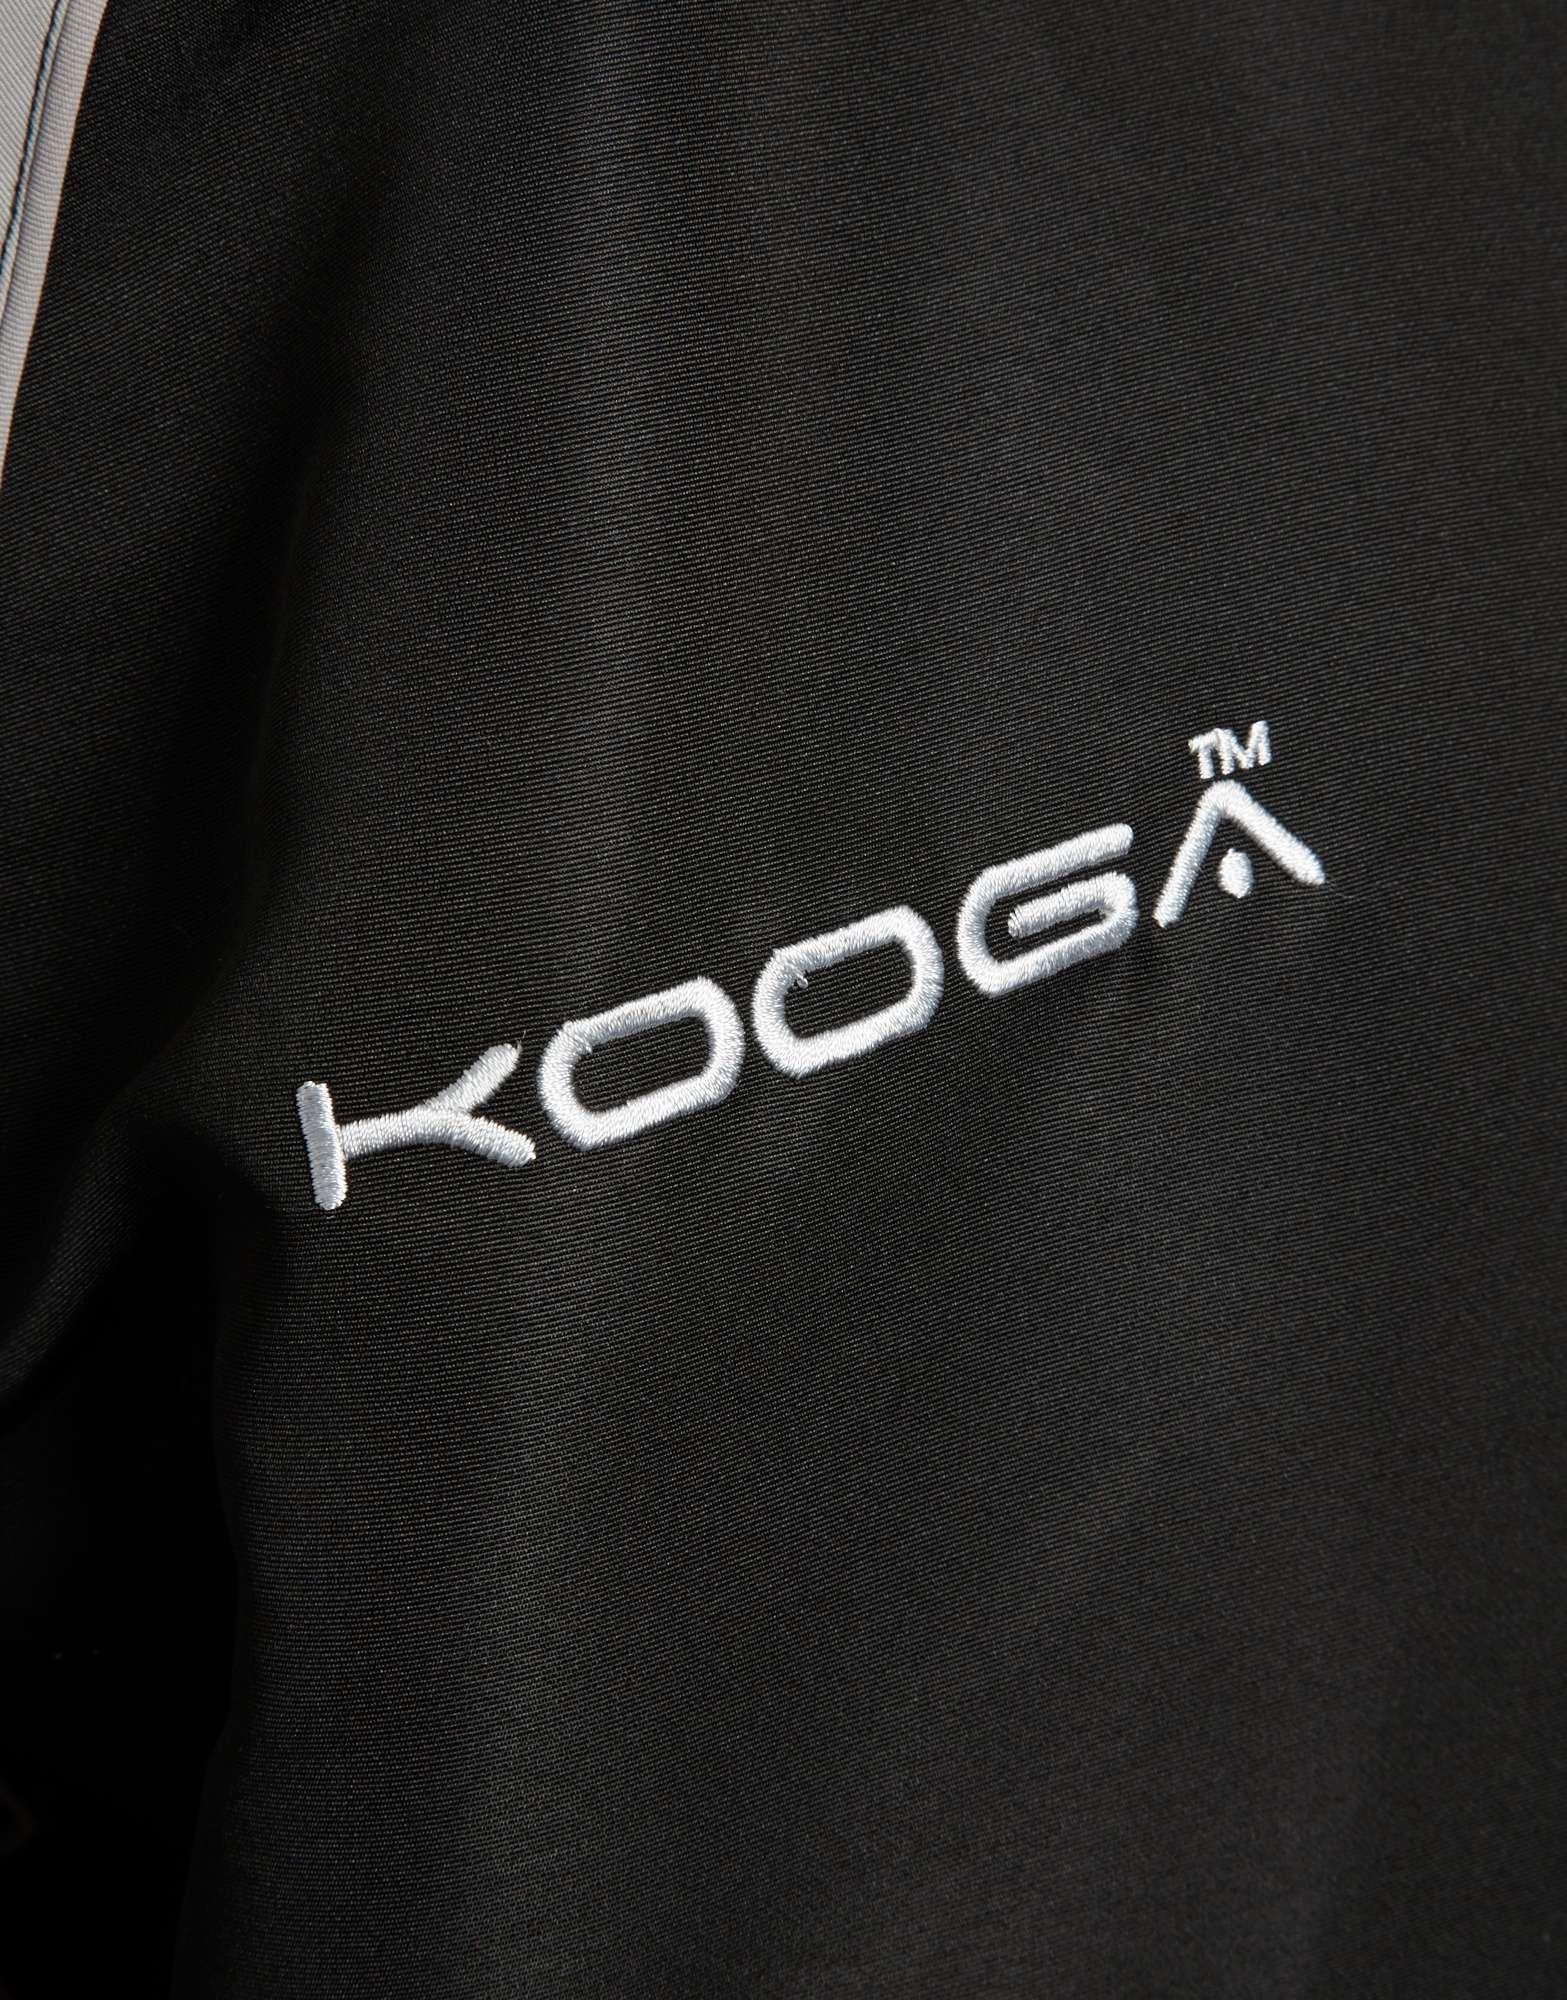 KooGa Vortex Top